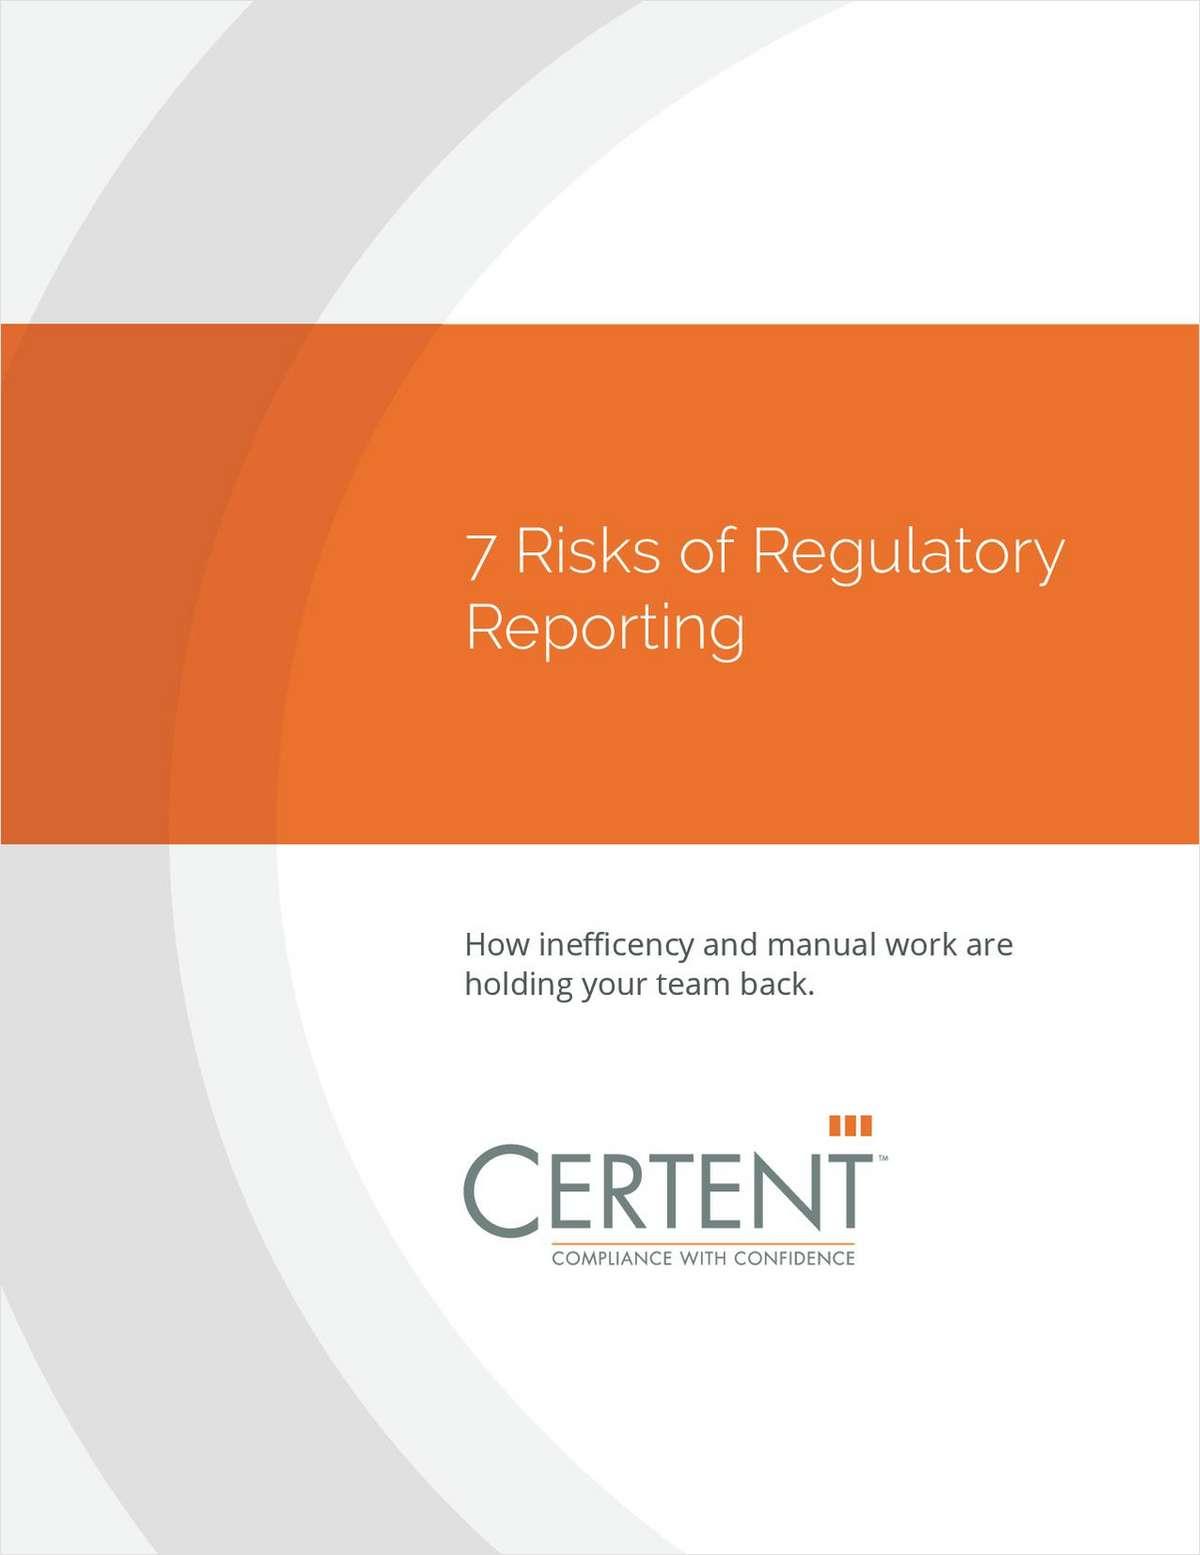 7 Risks of Regulatory Reporting